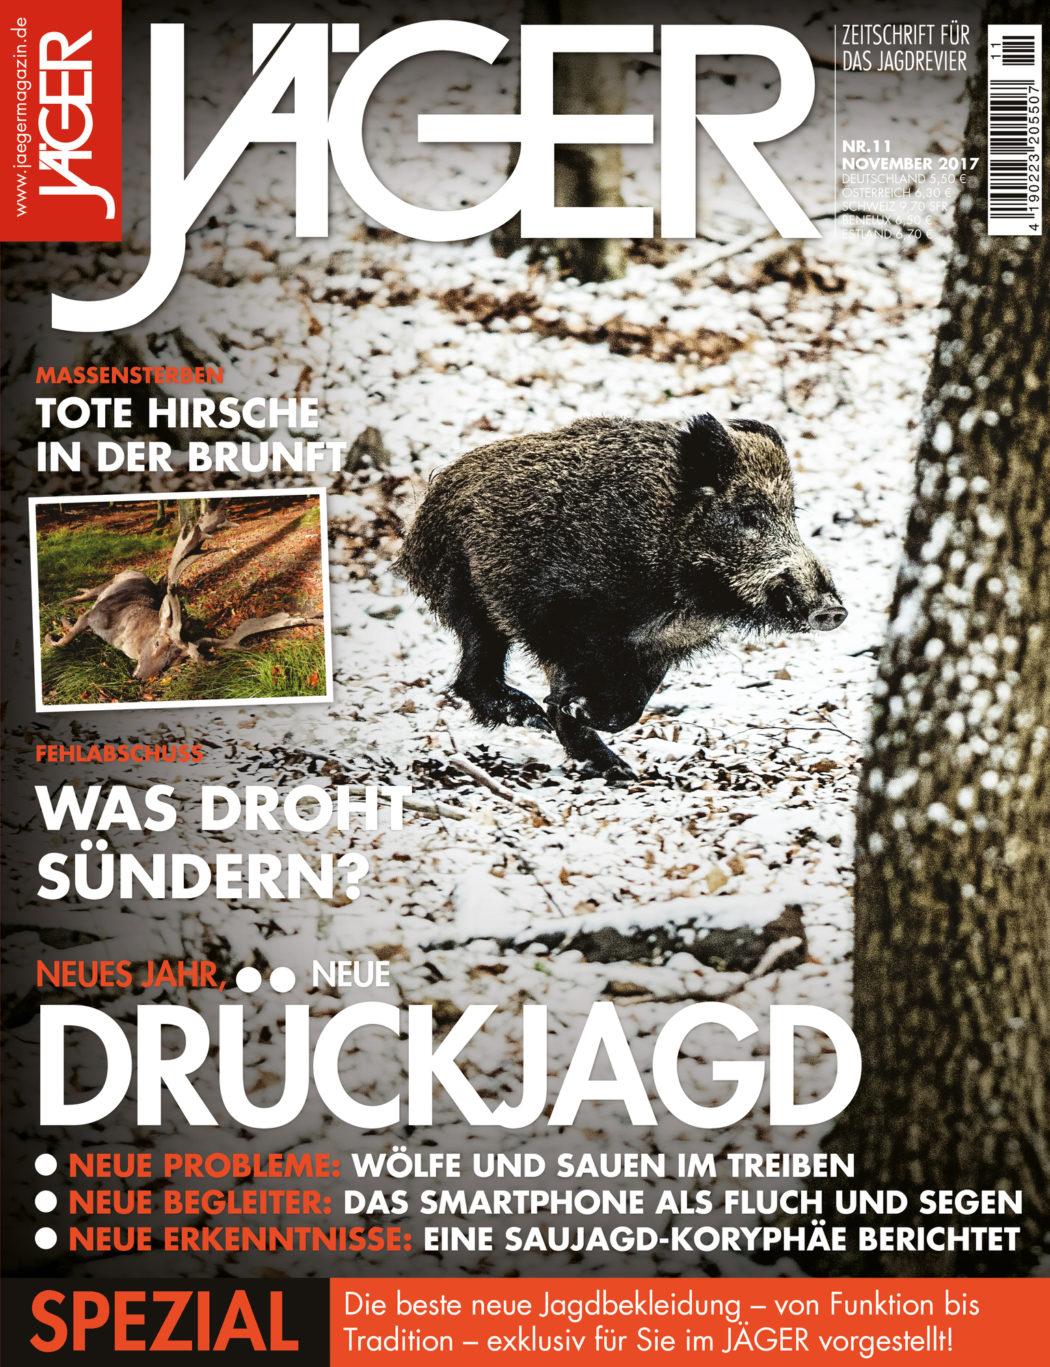 JÄGER Magazin November 2017 - Drückjagd - Alles rund um die Jagd!